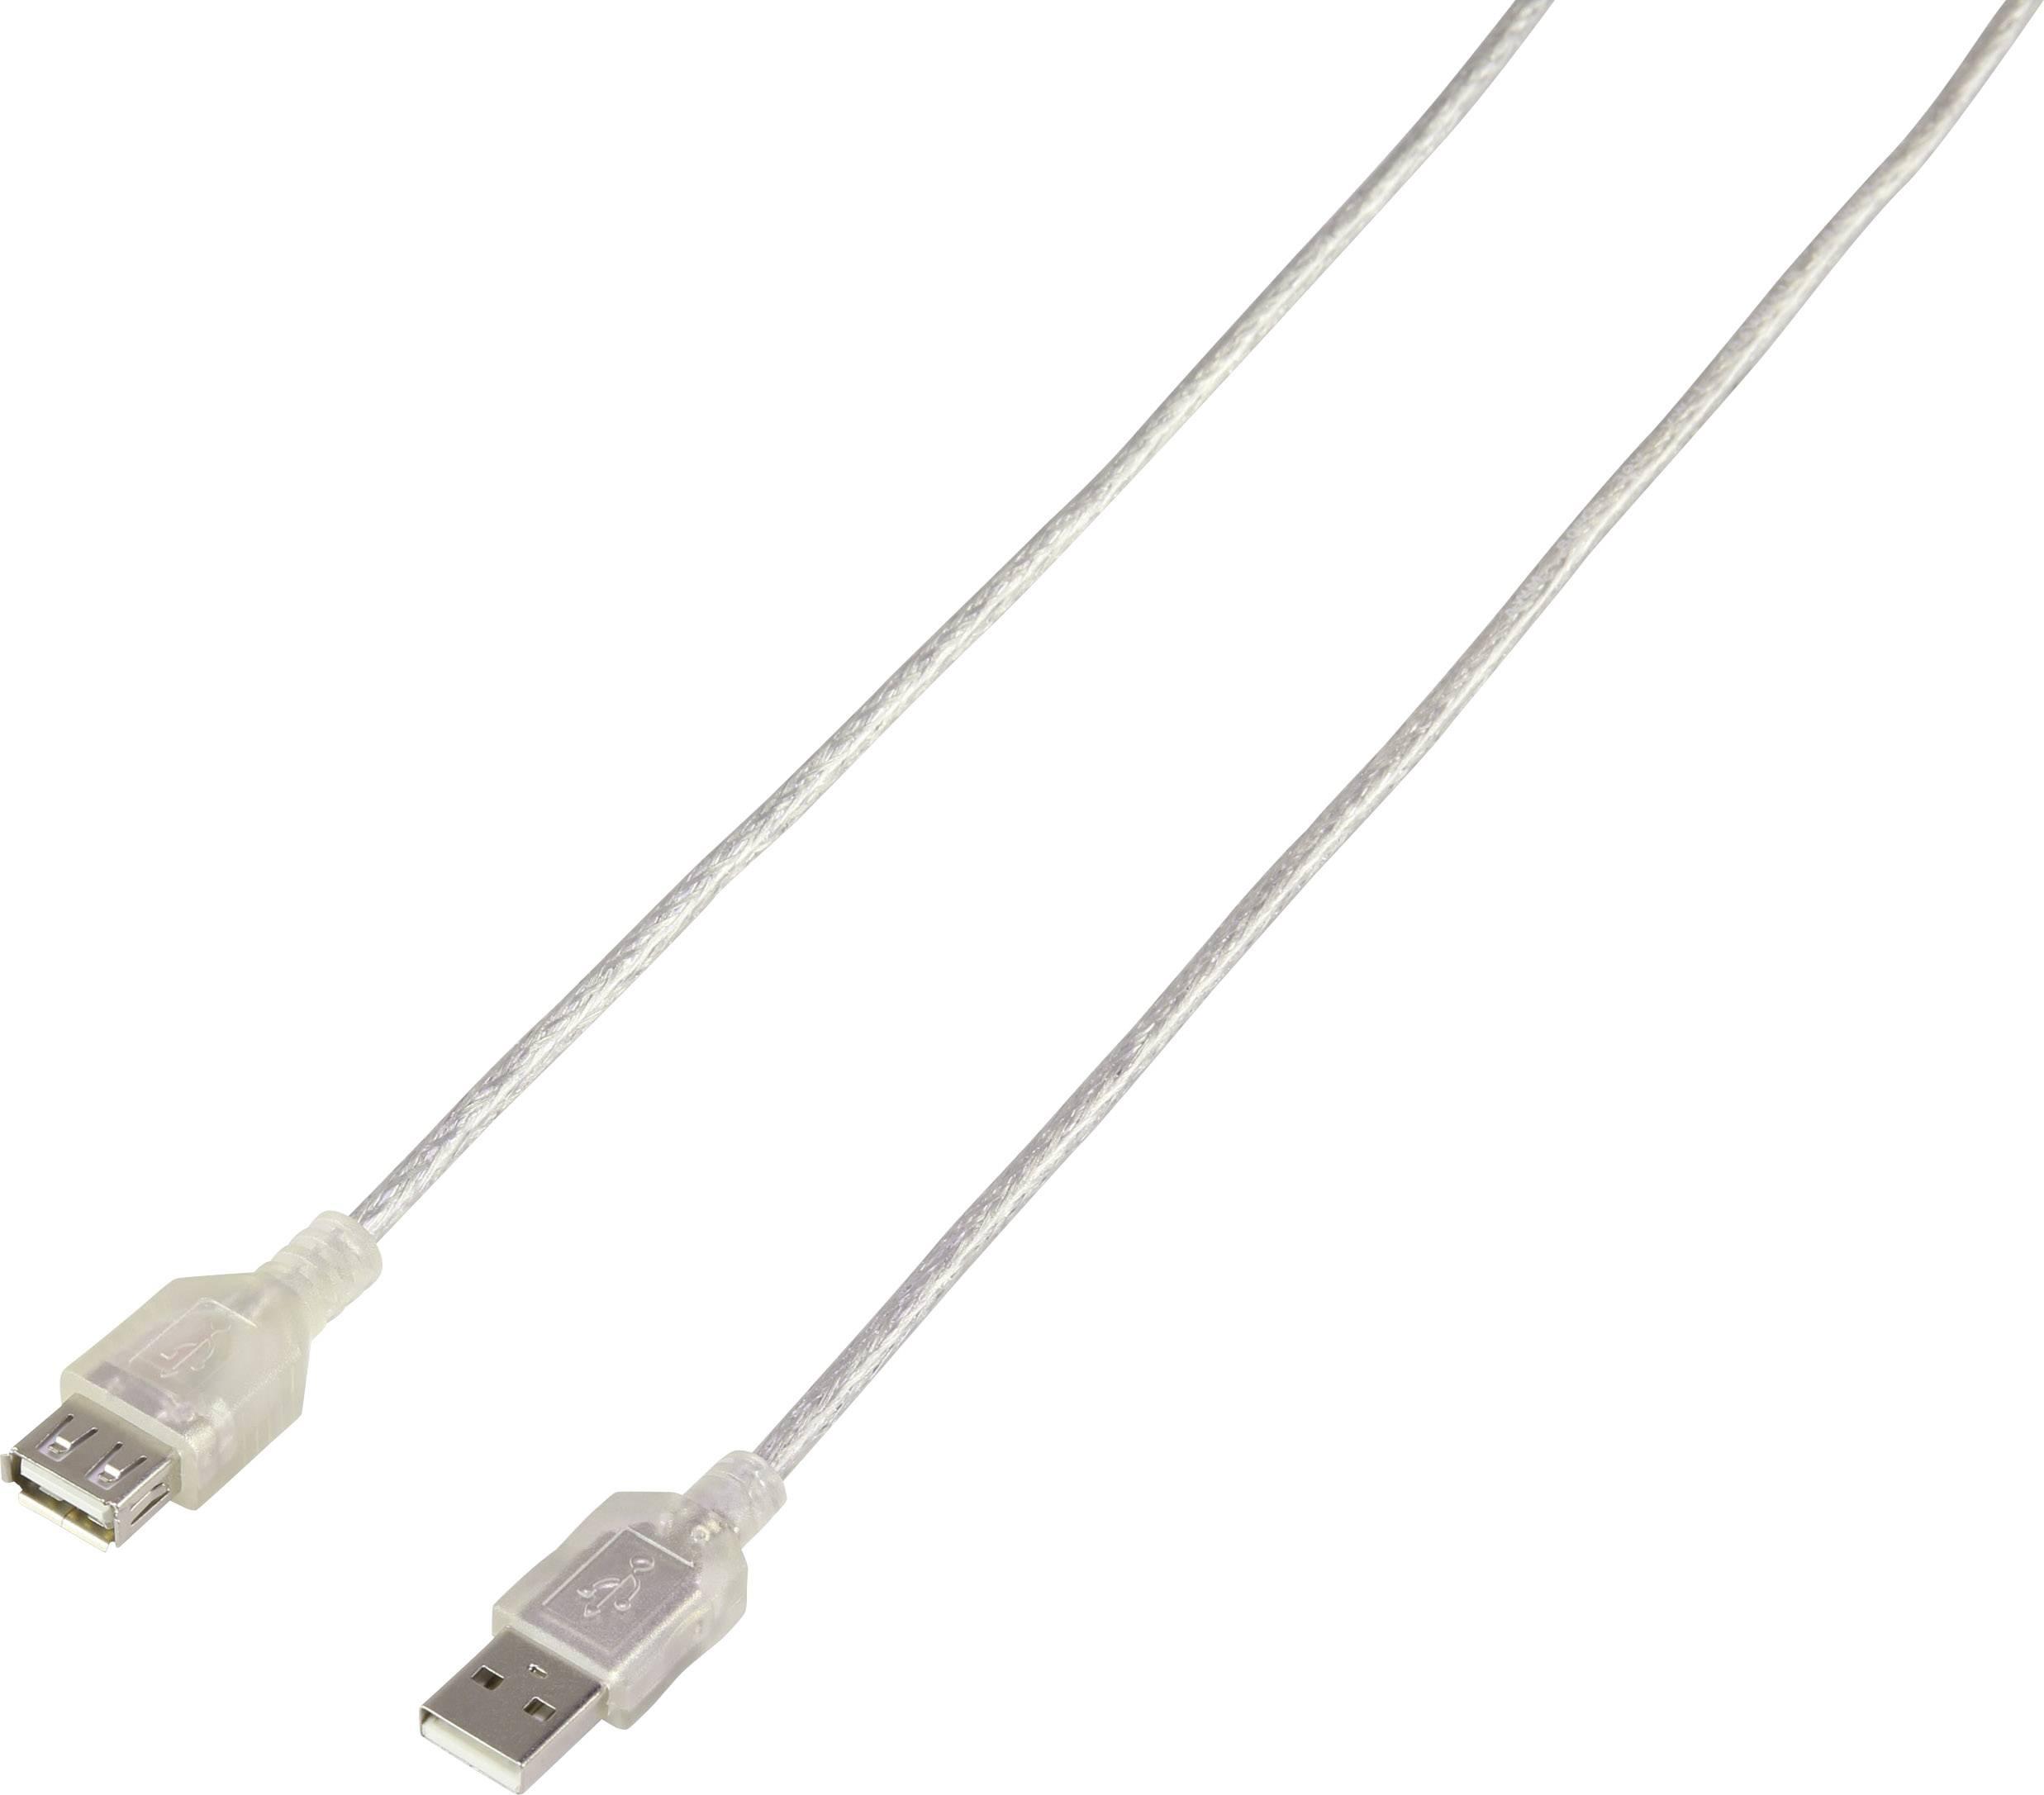 USB 2.0 prodlužovací kabel Renkforce RF-2916909, [1x USB 2.0 zástrčka A - 1x USB 2.0 zásuvka A], 3 m, transparentní